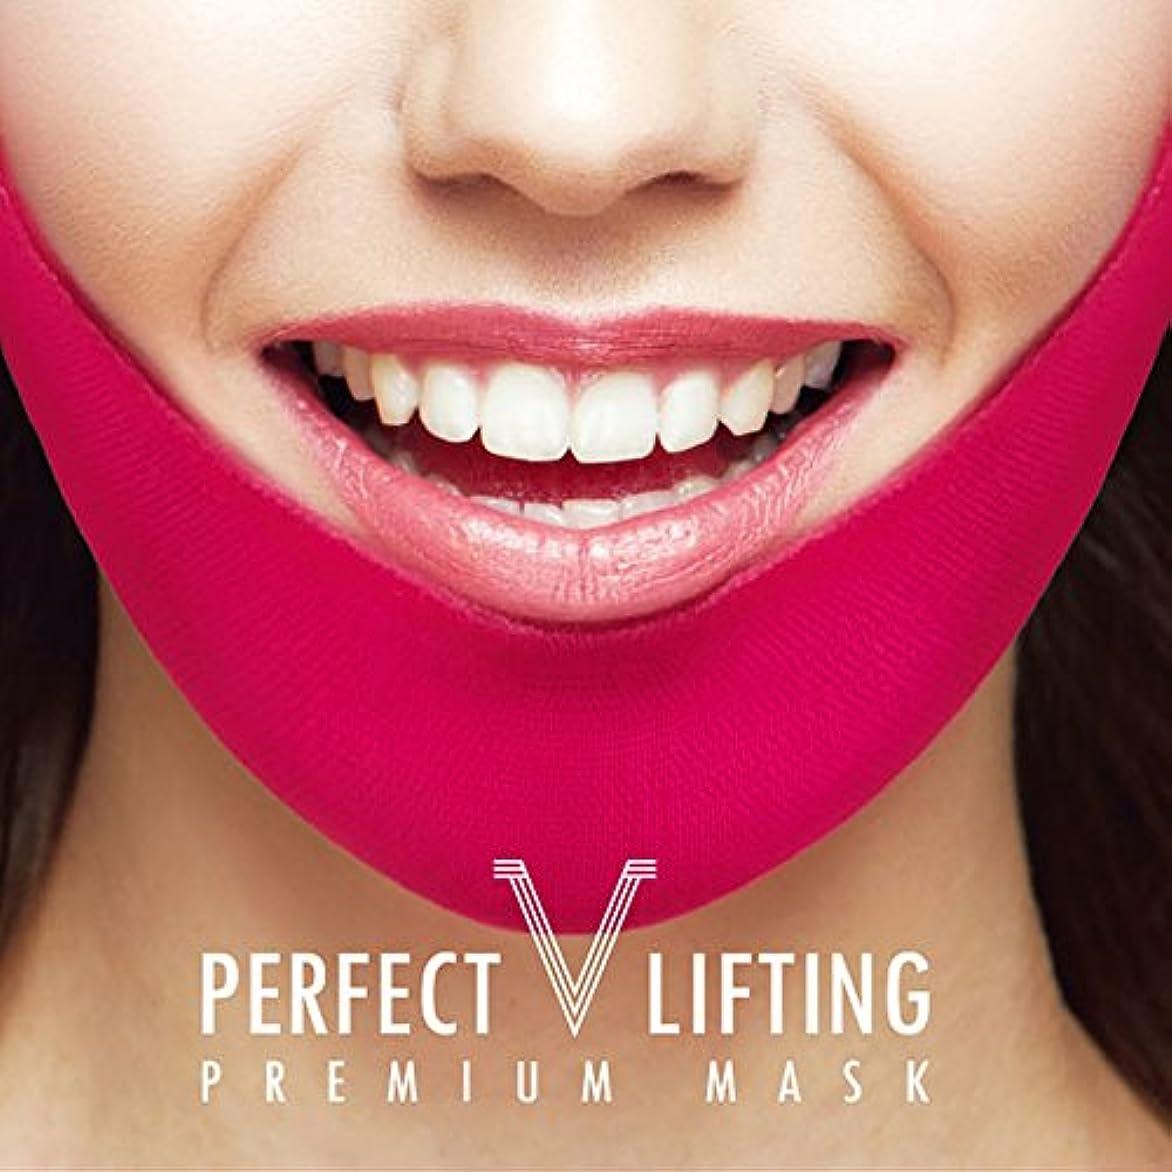 リー許されるフェザーAvajar パーフェクト V リフティング プレミアムマスク エイバザール マスク フェイスマスク 小顔効果と顎ラインを取り戻す 1パック